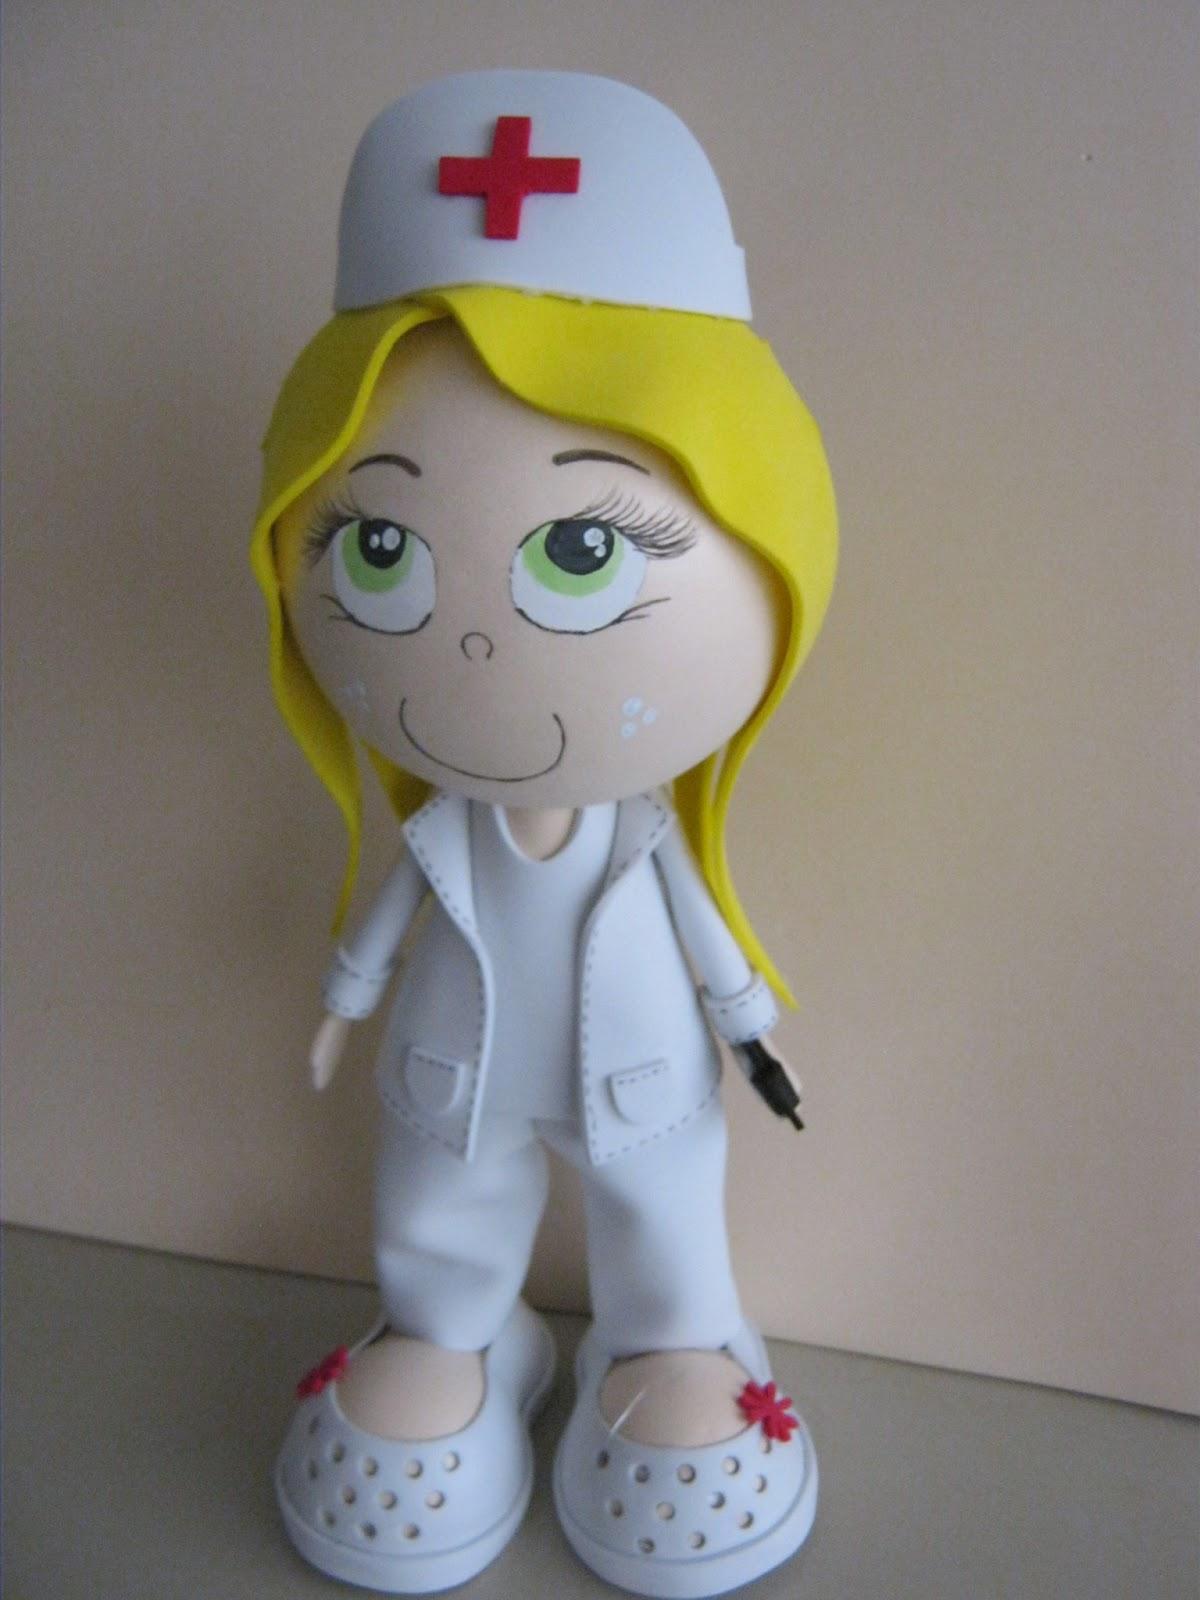 Enfermera de cuerpo de programa de canal